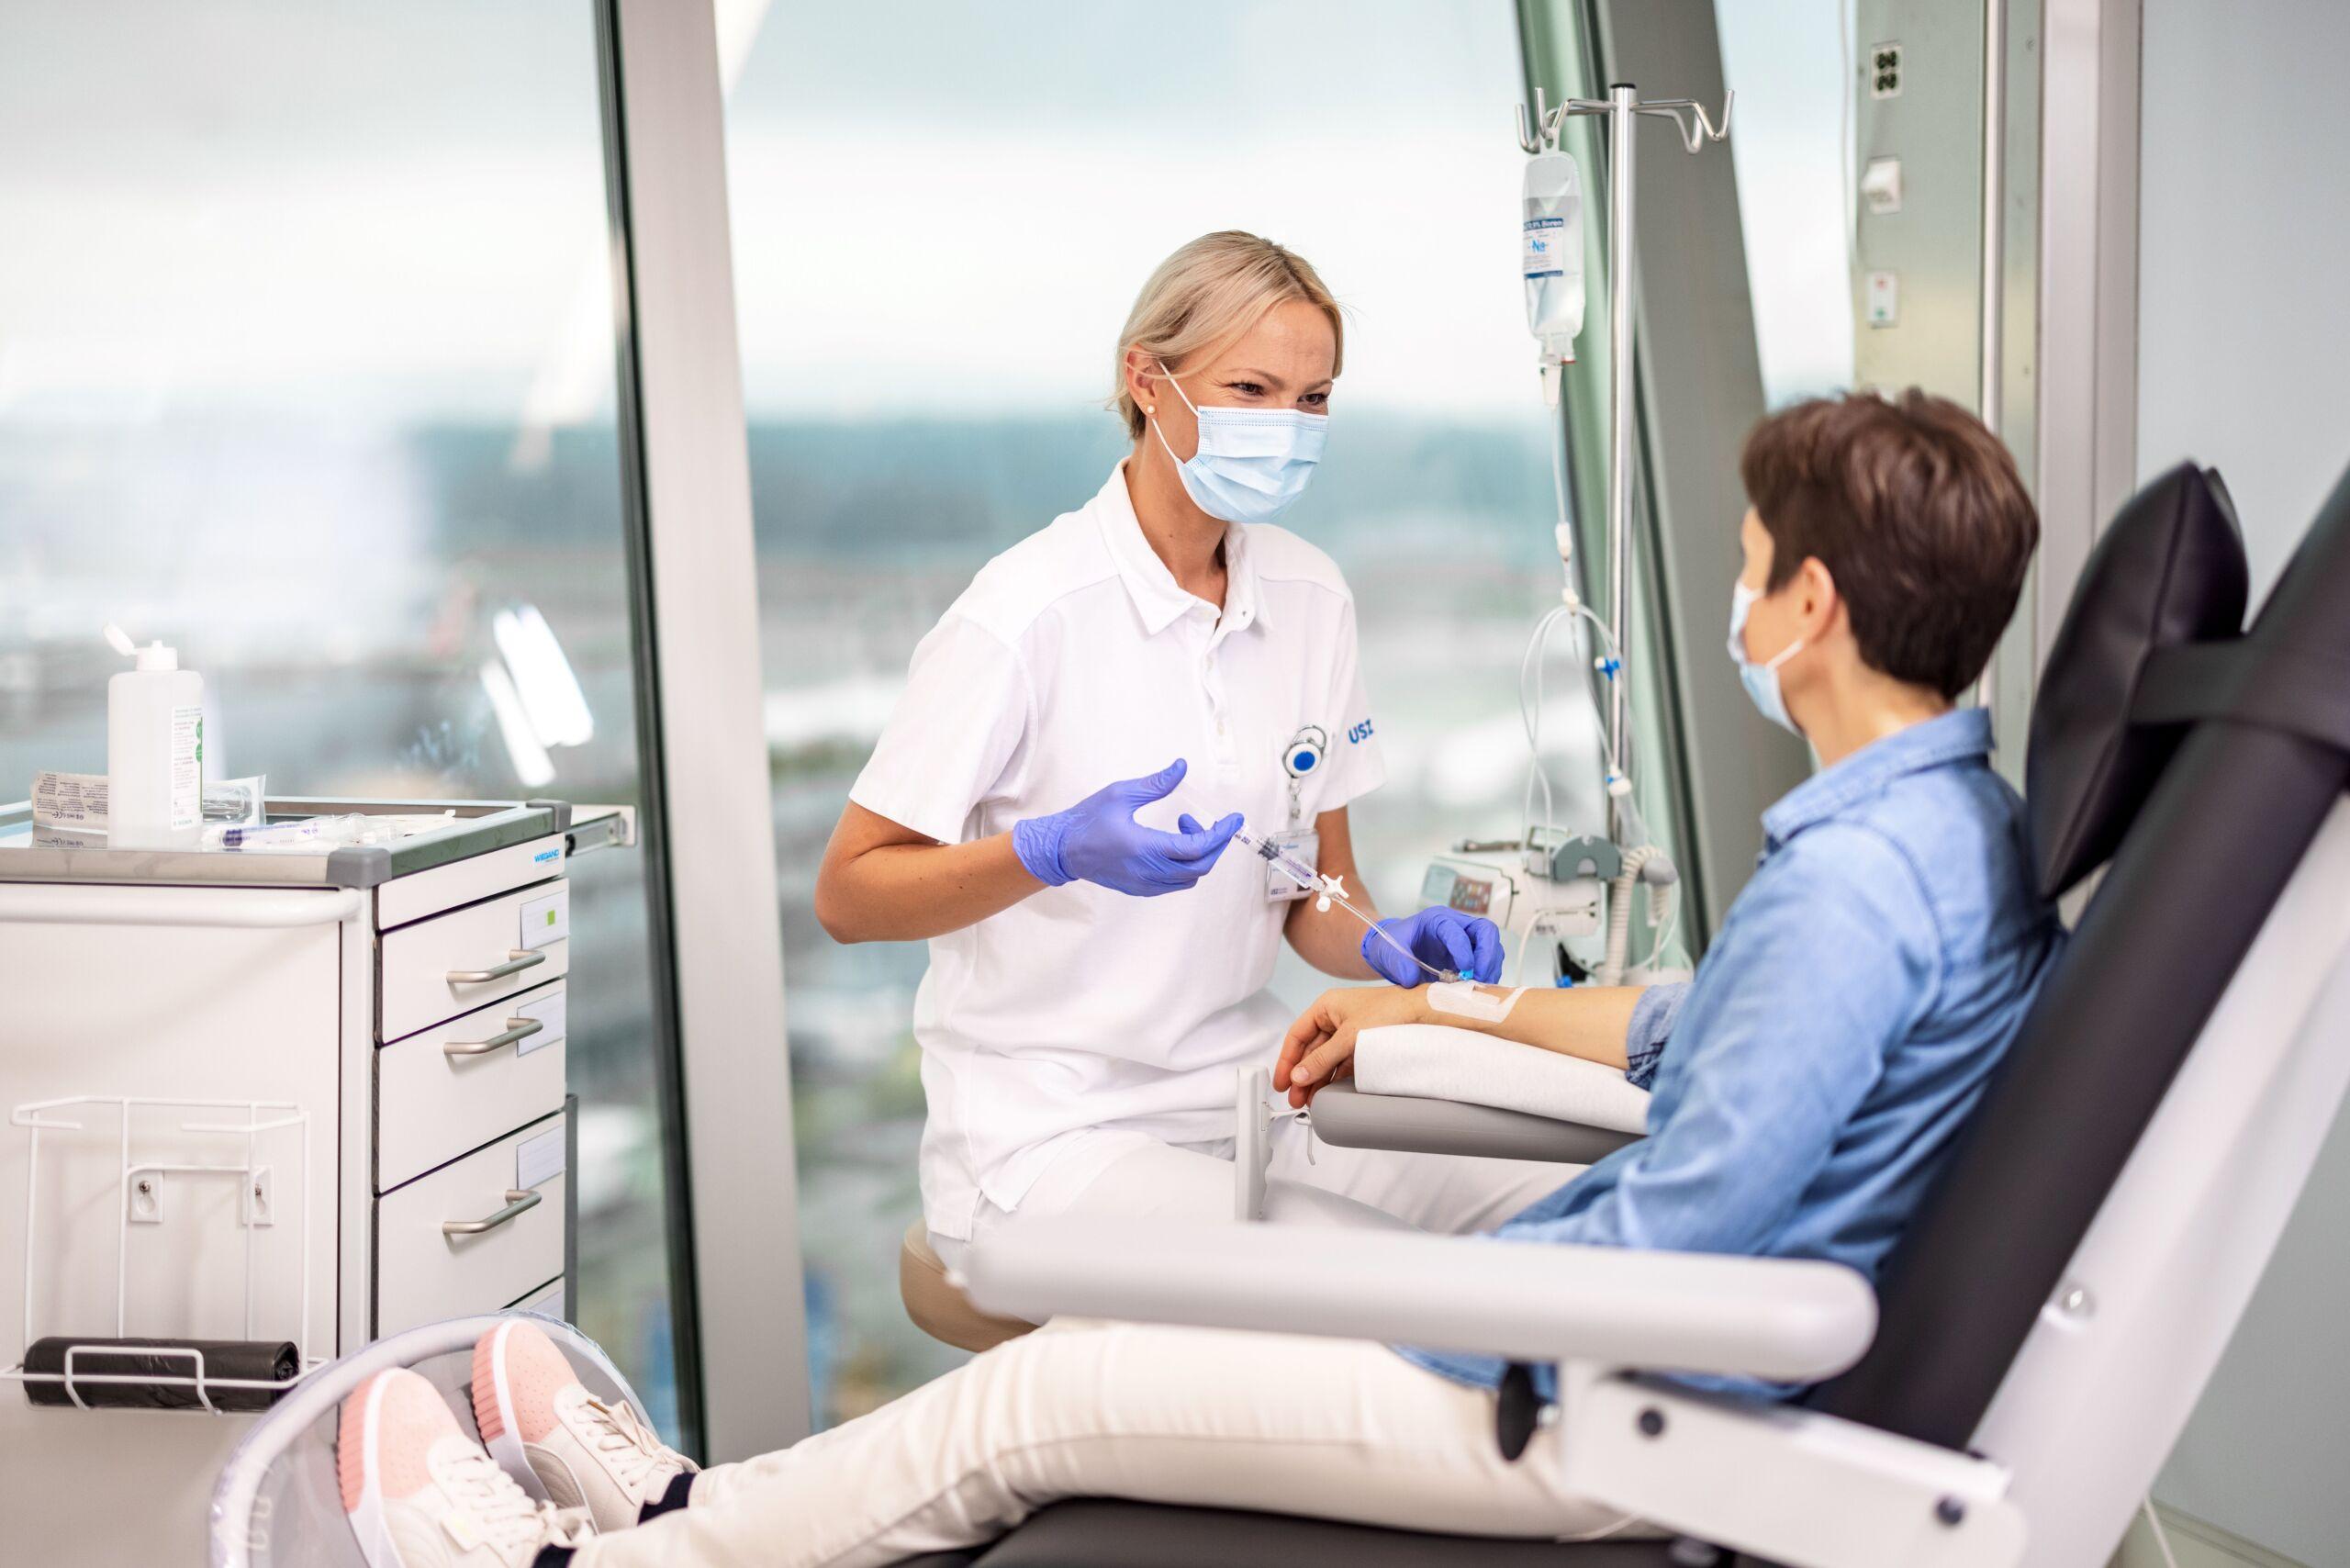 Eine Ärztin führt eine Infusionstherapie durch.